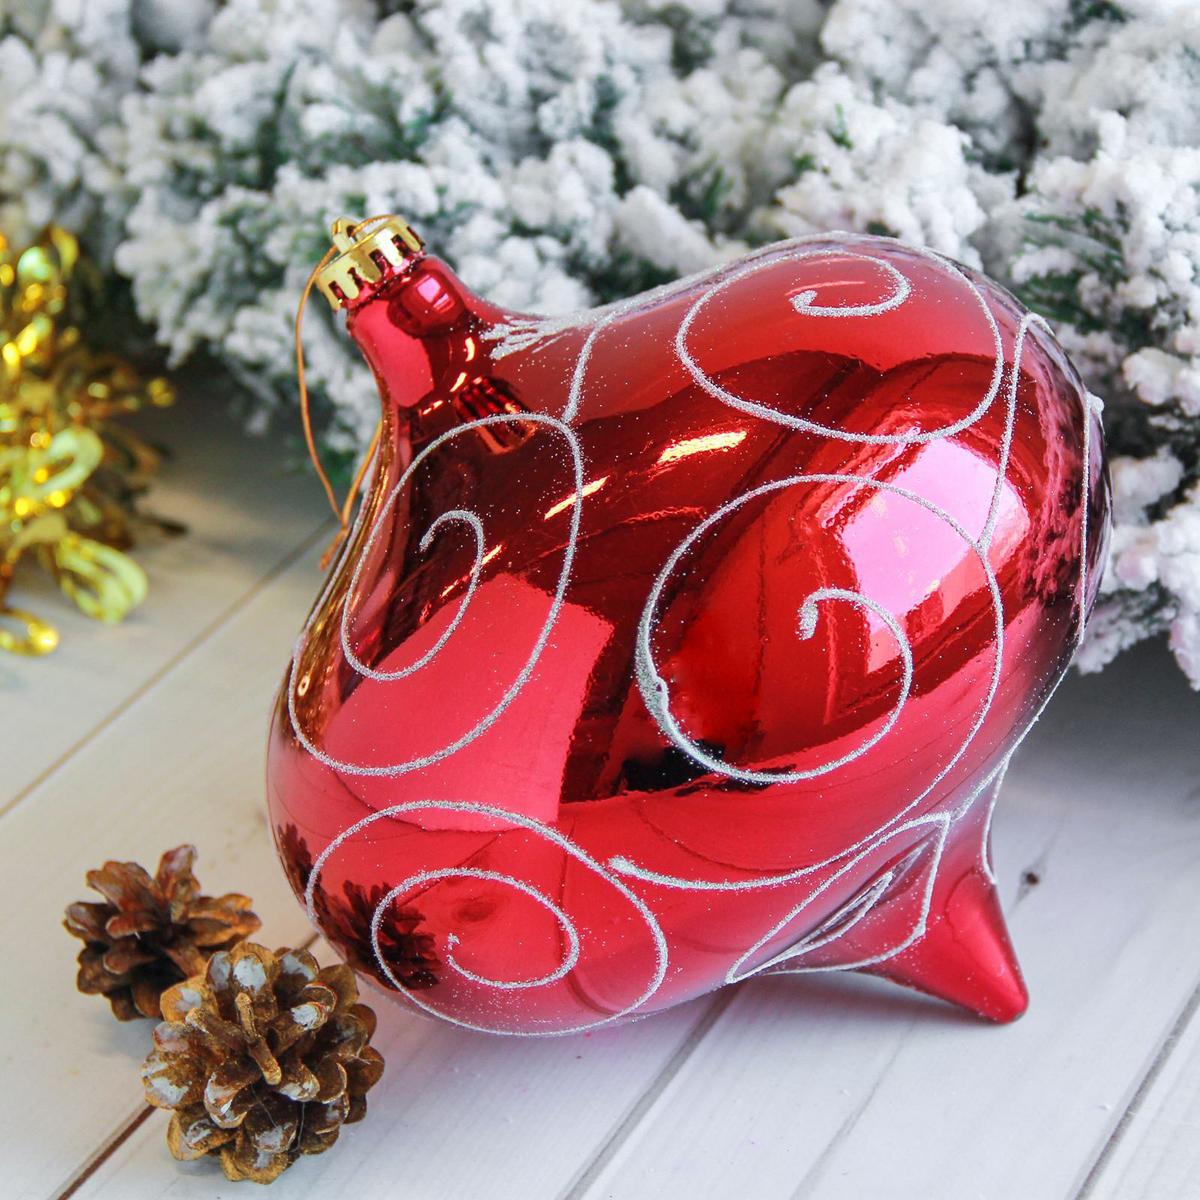 Новогоднее подвесное украшение Sima-land Мега луковица, 20 см2122926Новогоднее подвесное украшение Sima-land отлично подойдет для декорации вашего дома и новогодней ели. Новогоднее украшение можно повесить в любом понравившемся вам месте. Но, конечно, удачнее всего оно будет смотреться на праздничной елке.Елочная игрушка - символ Нового года. Она несет в себе волшебство и красоту праздника. Такое украшение создаст в вашем доме атмосферу праздника, веселья и радости.